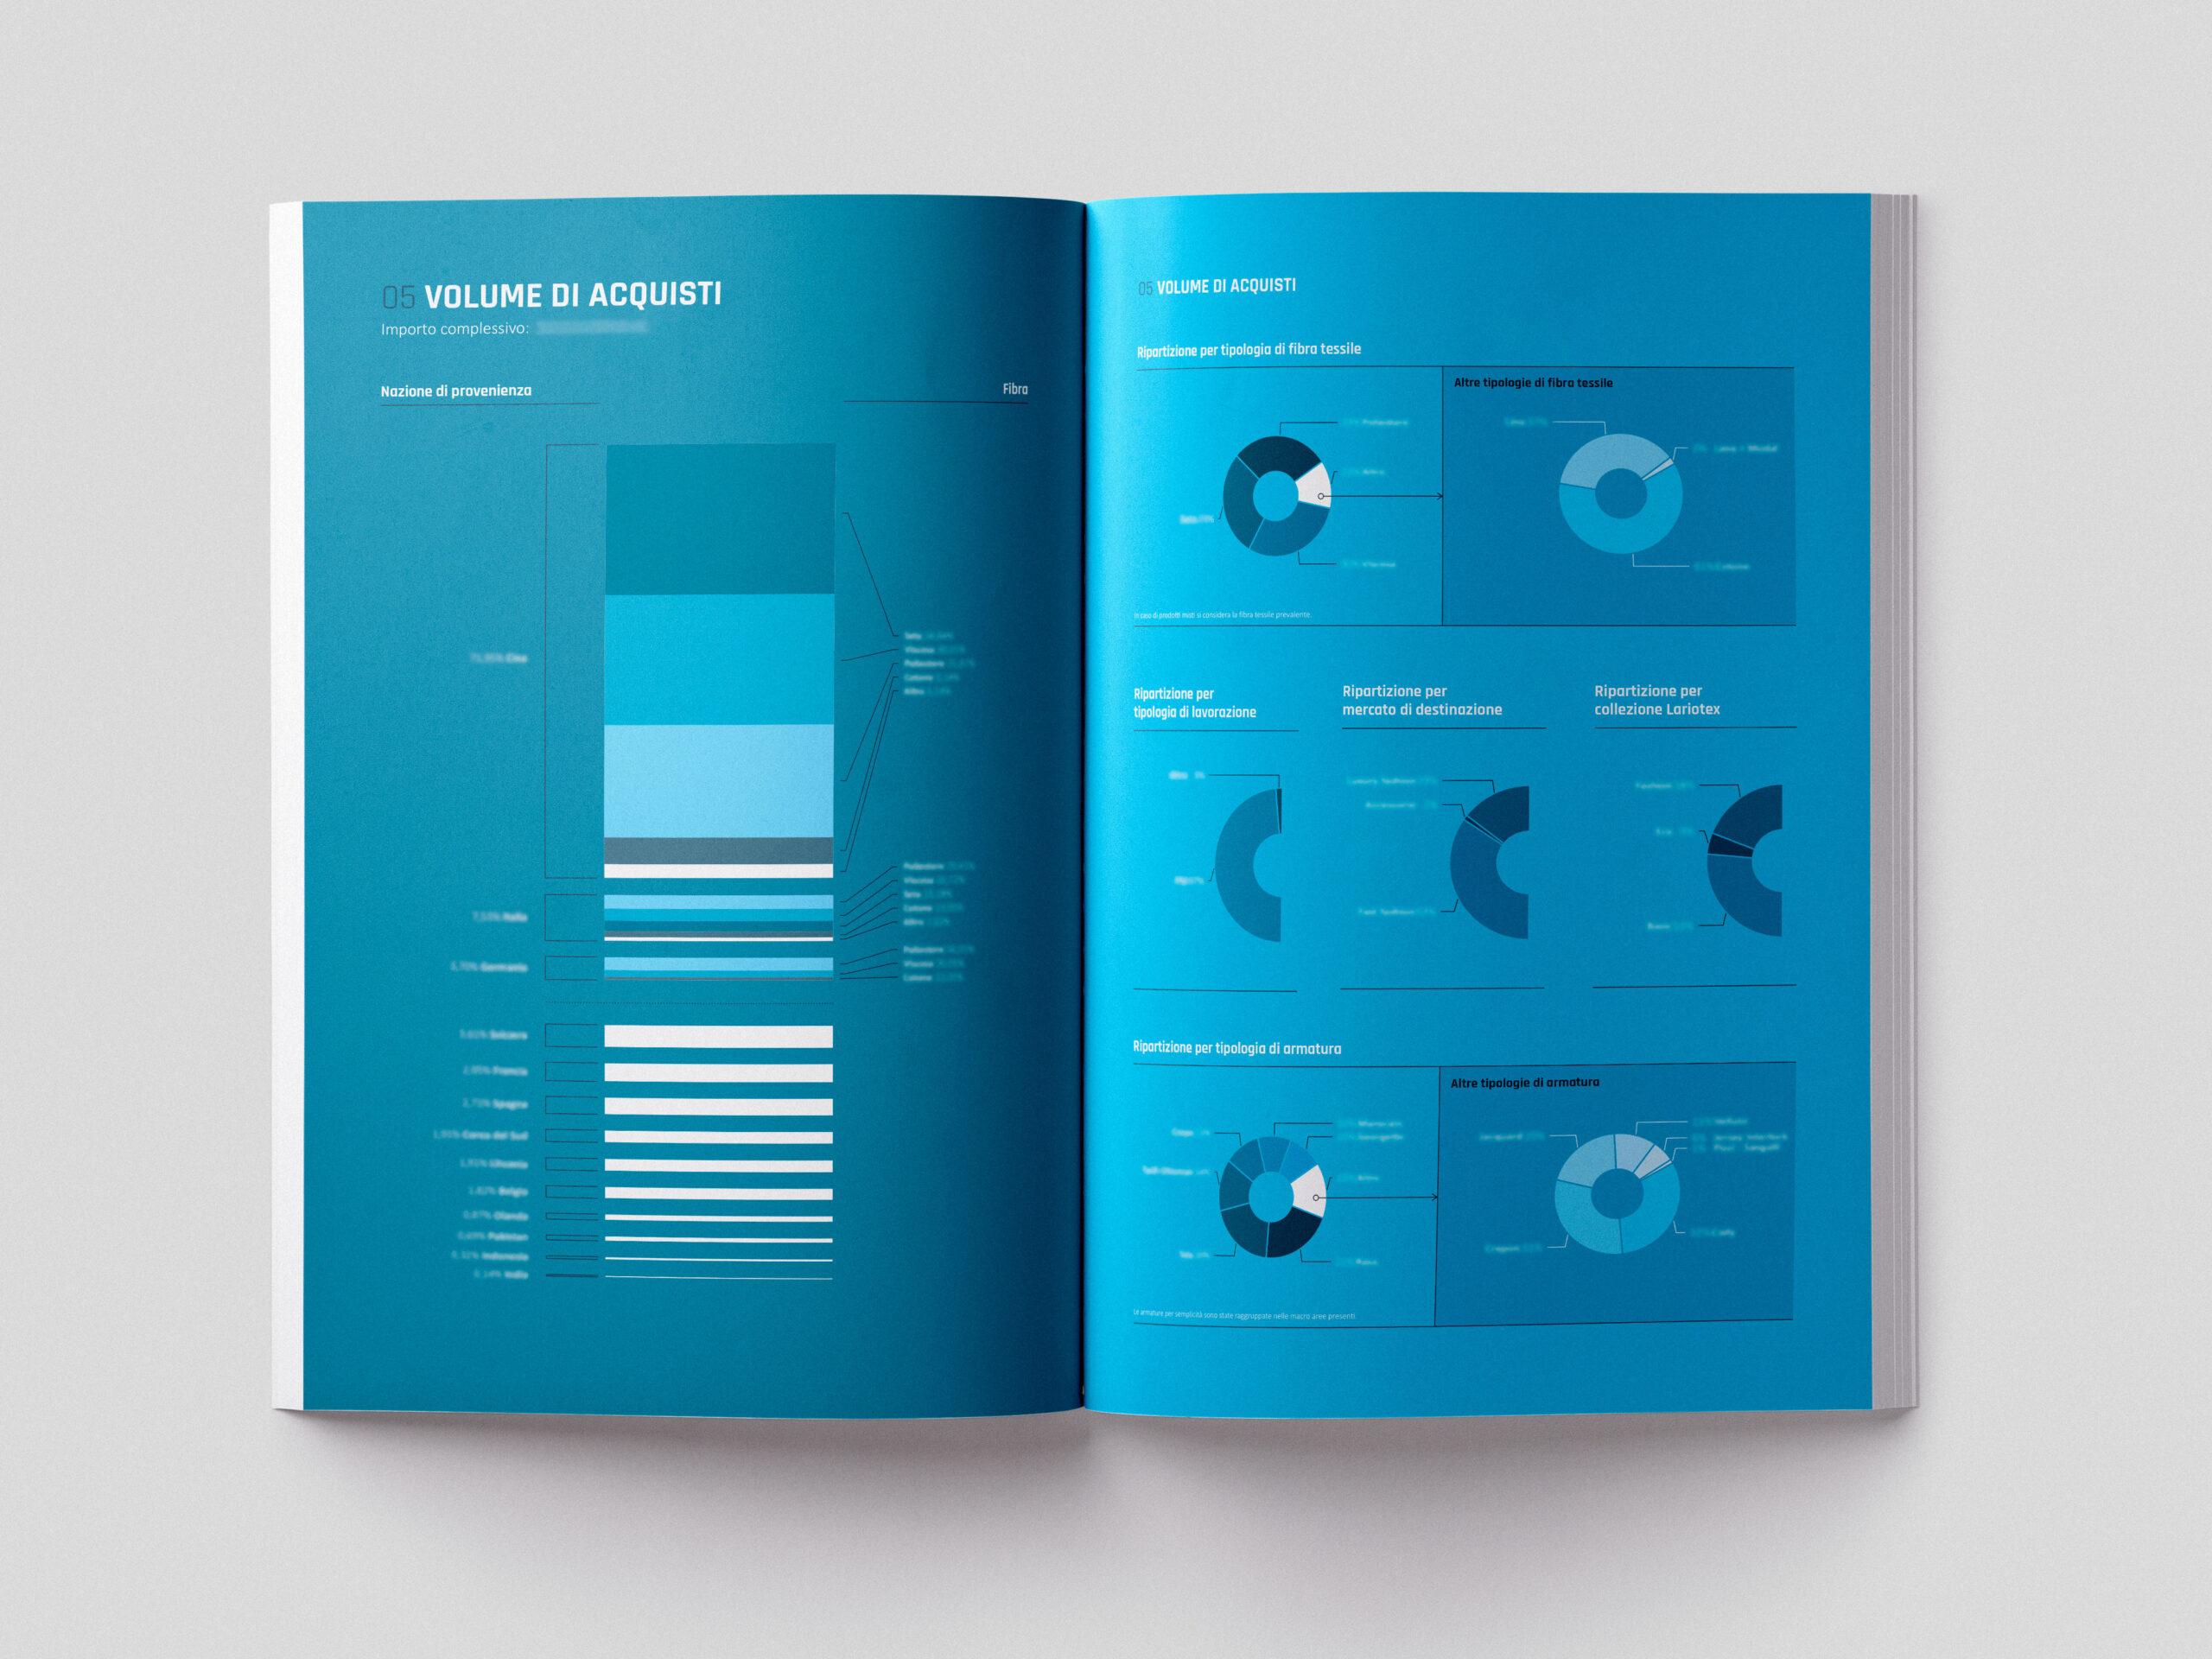 Lariotex bilancio visual data